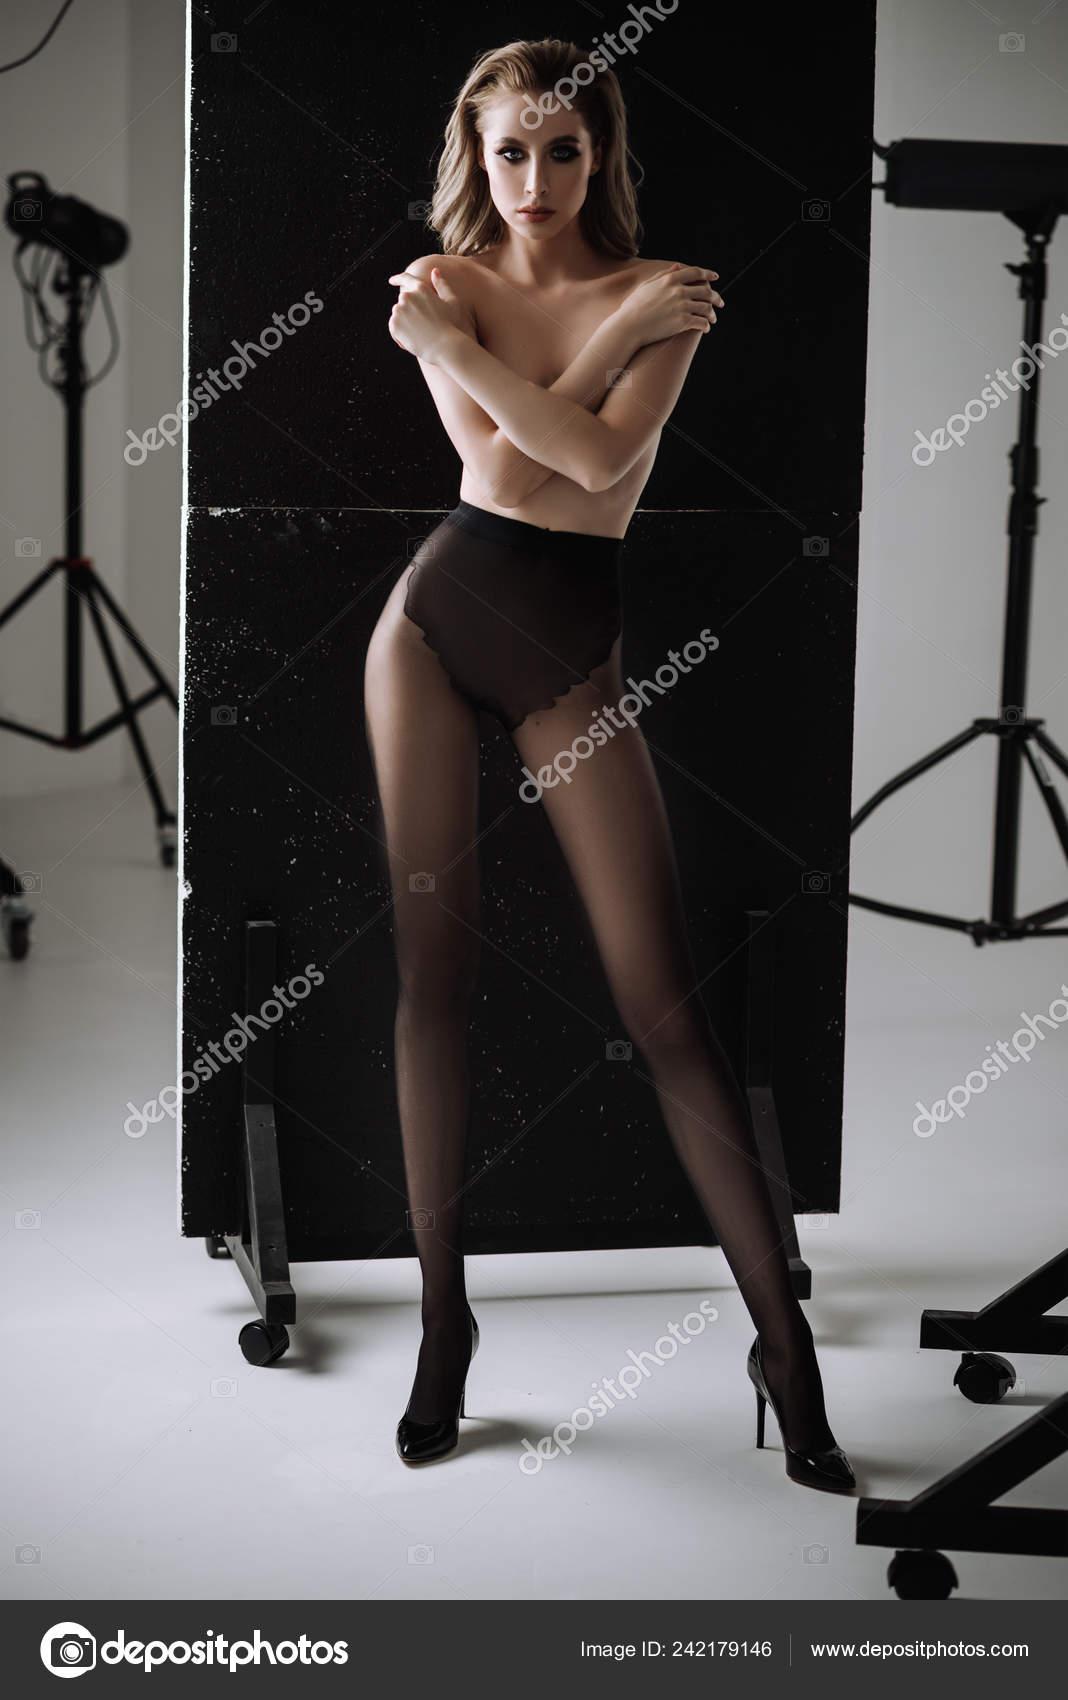 collant foto nuda